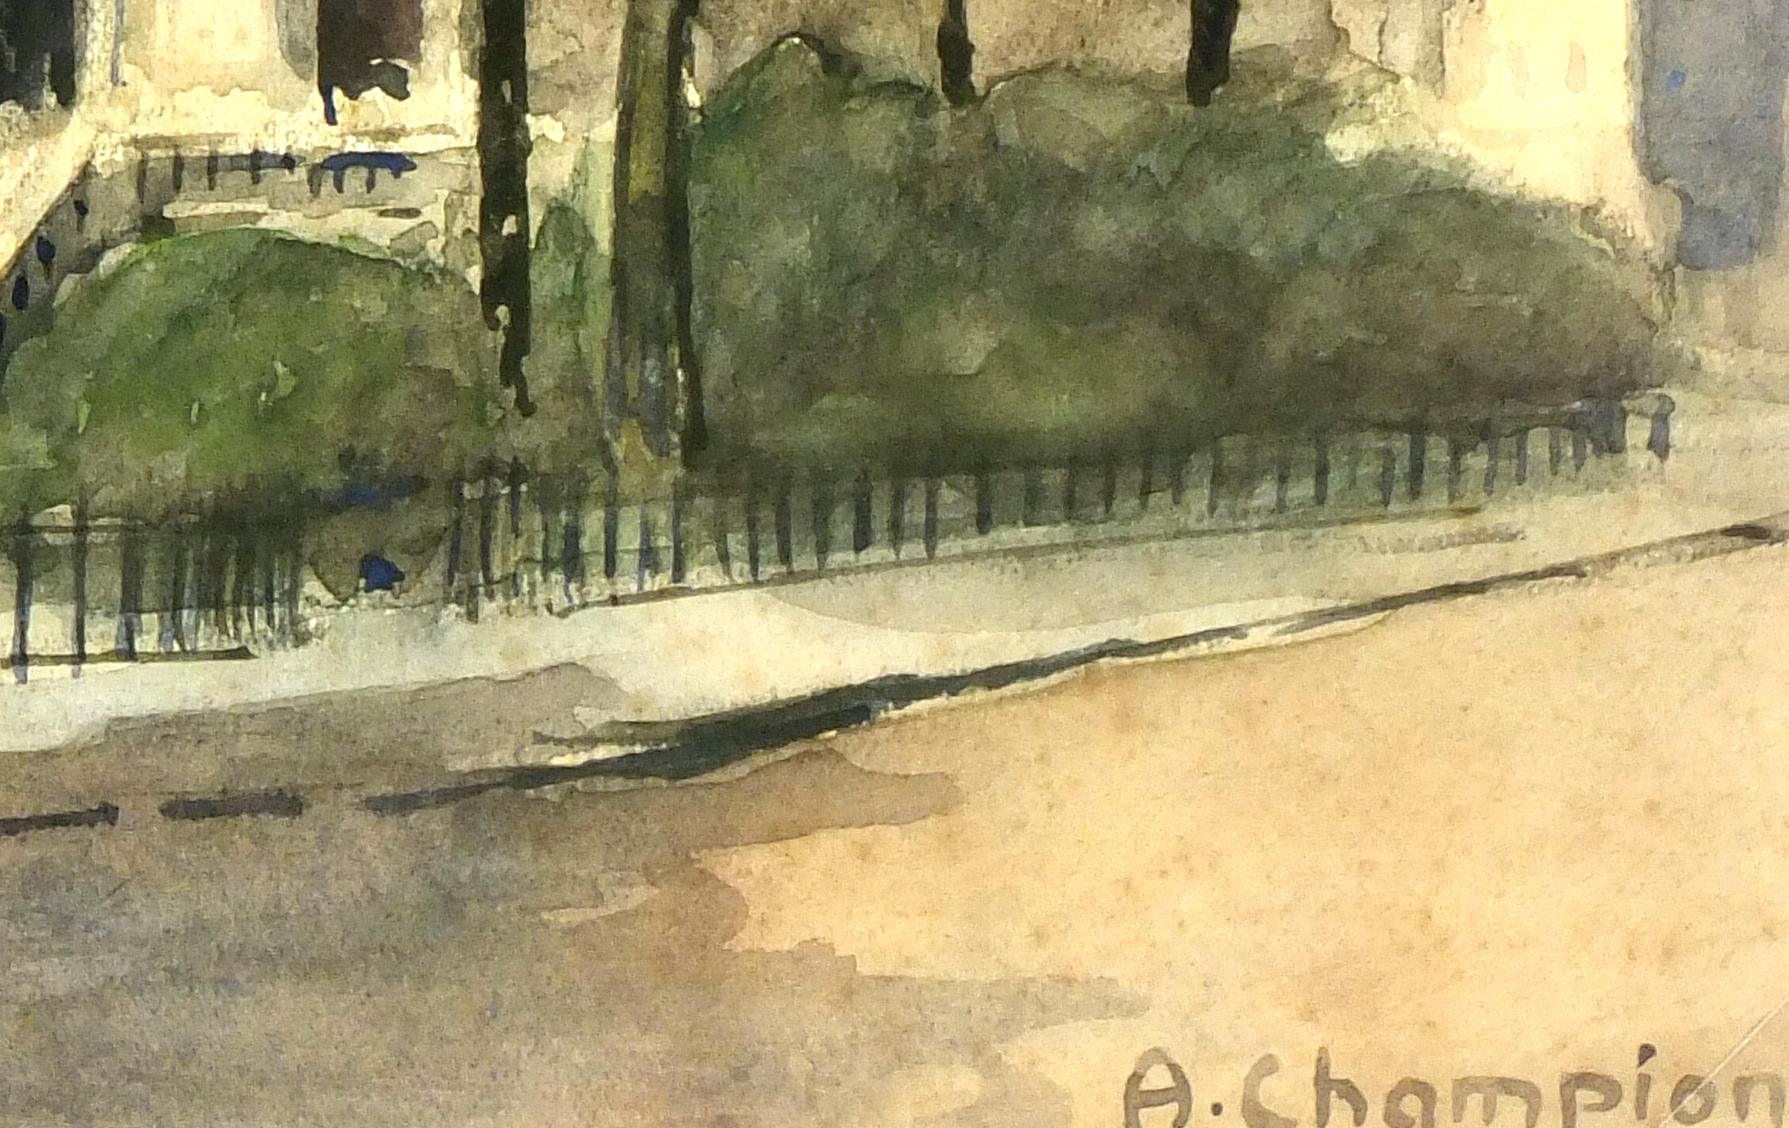 atercolor Landscape- St. Jacques Tower Paris, Circa 1930-detail 2-7840K